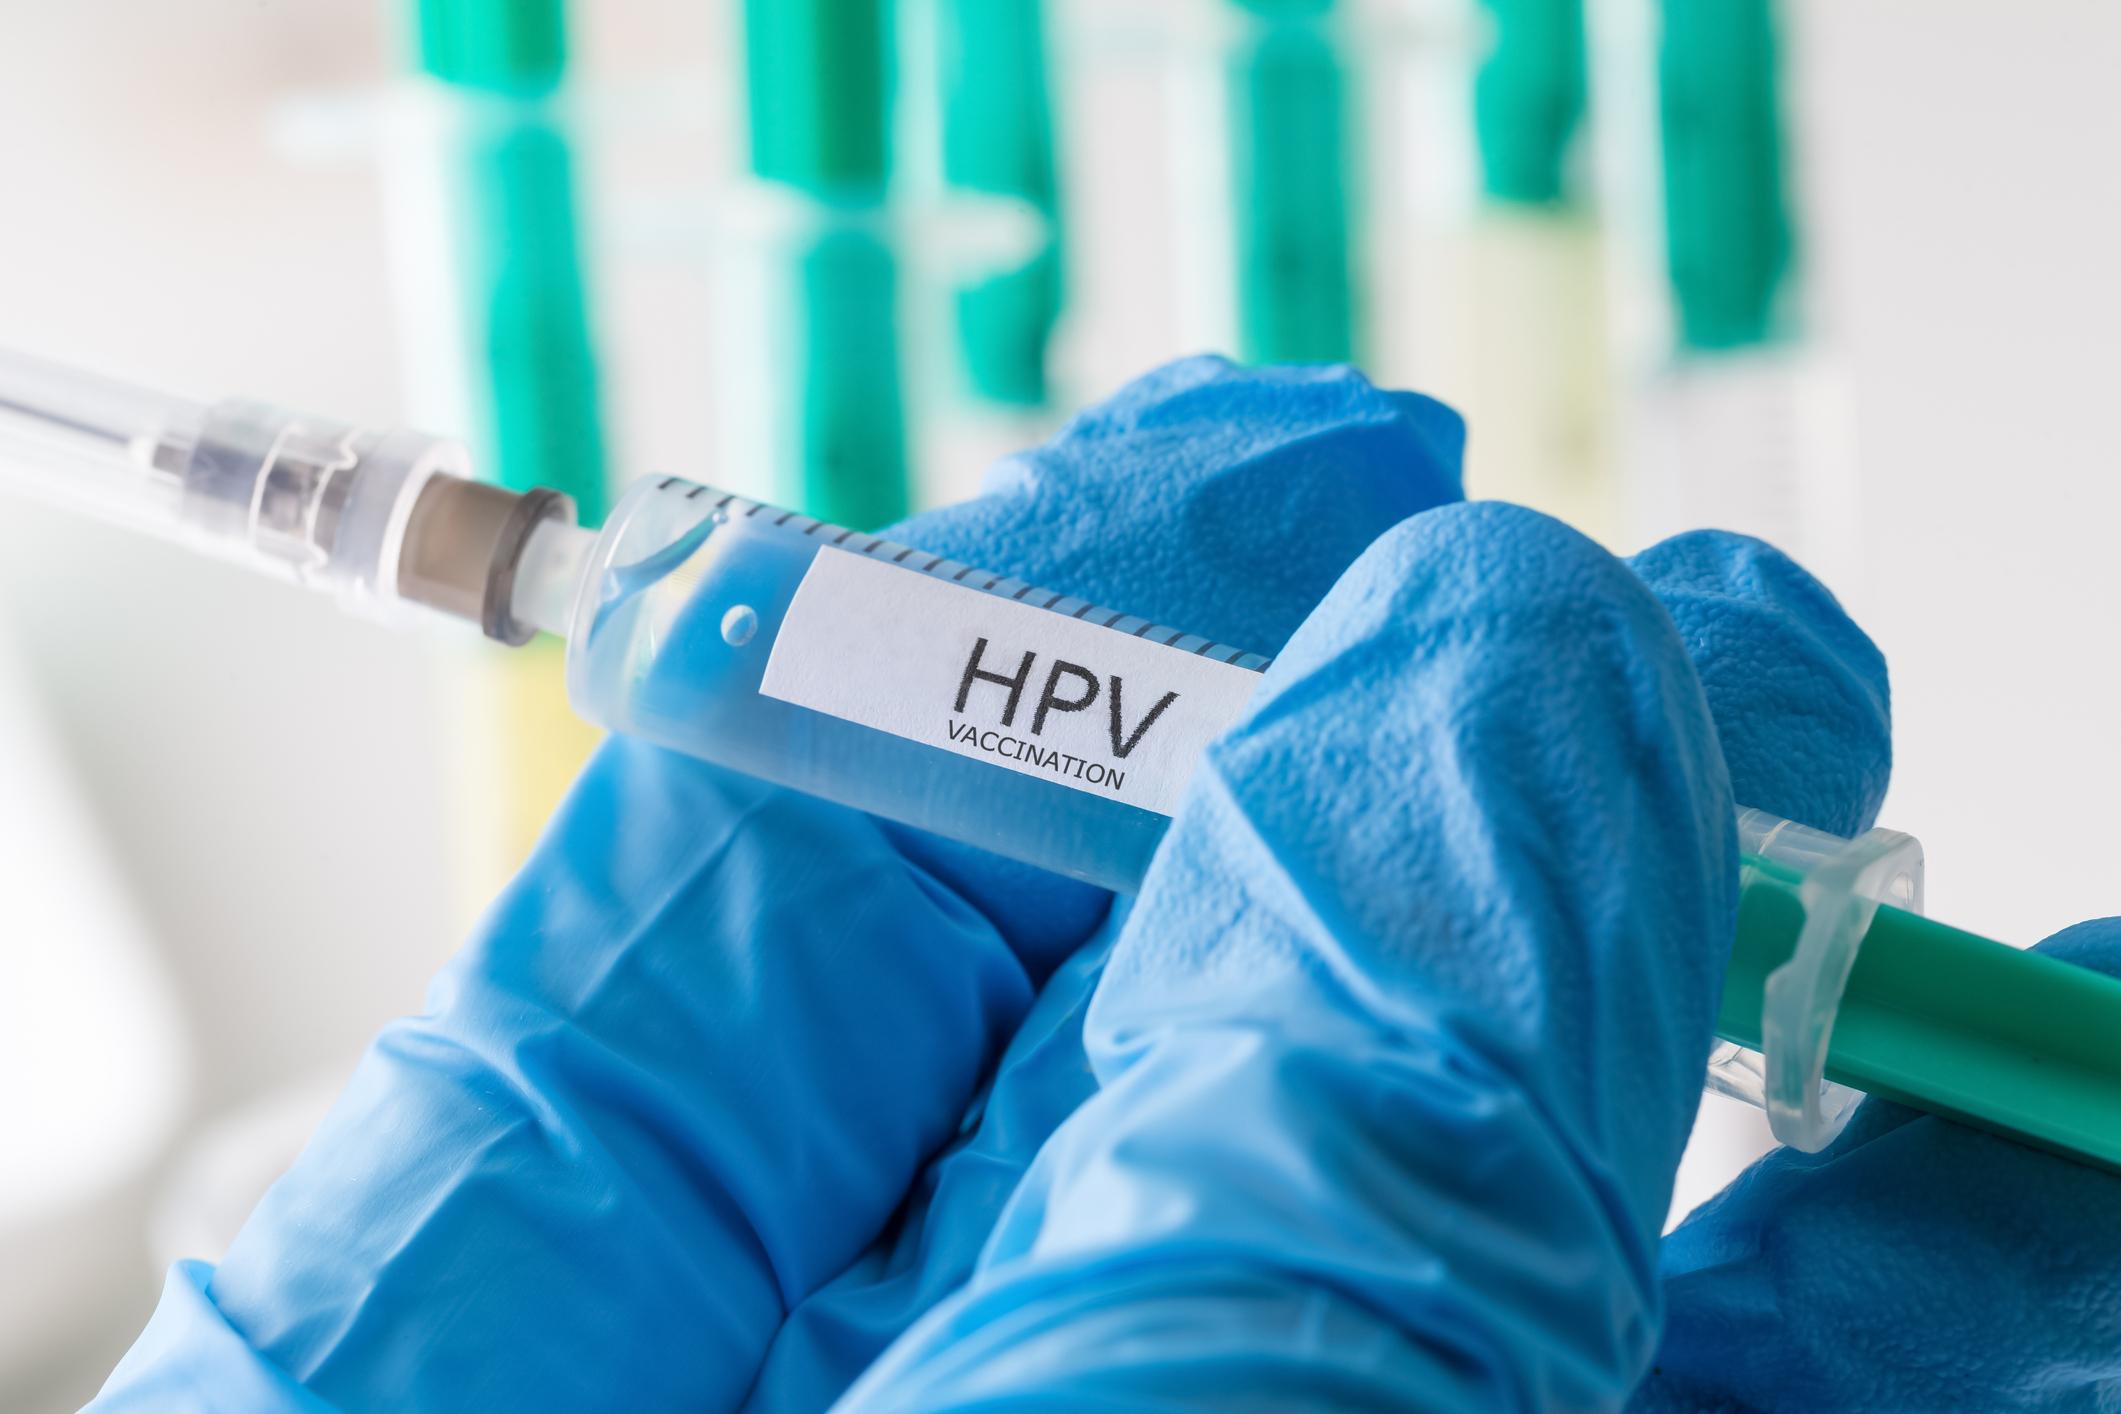 Prevenirea cancerului prin intermediul unor programe de screening, Can hpv cause blood cancer